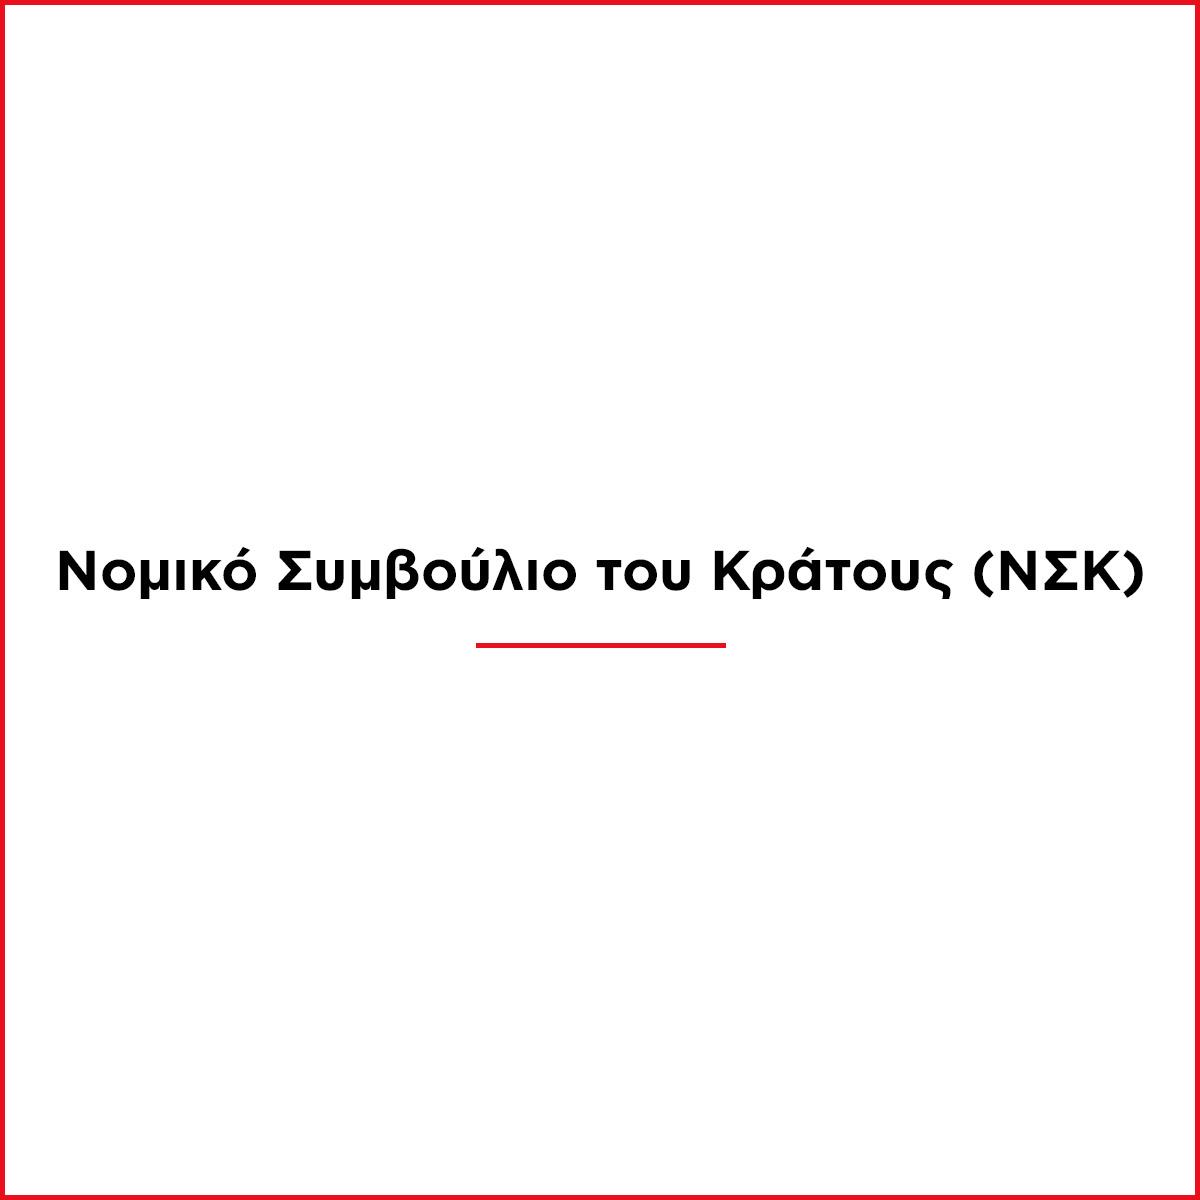 nsk_white